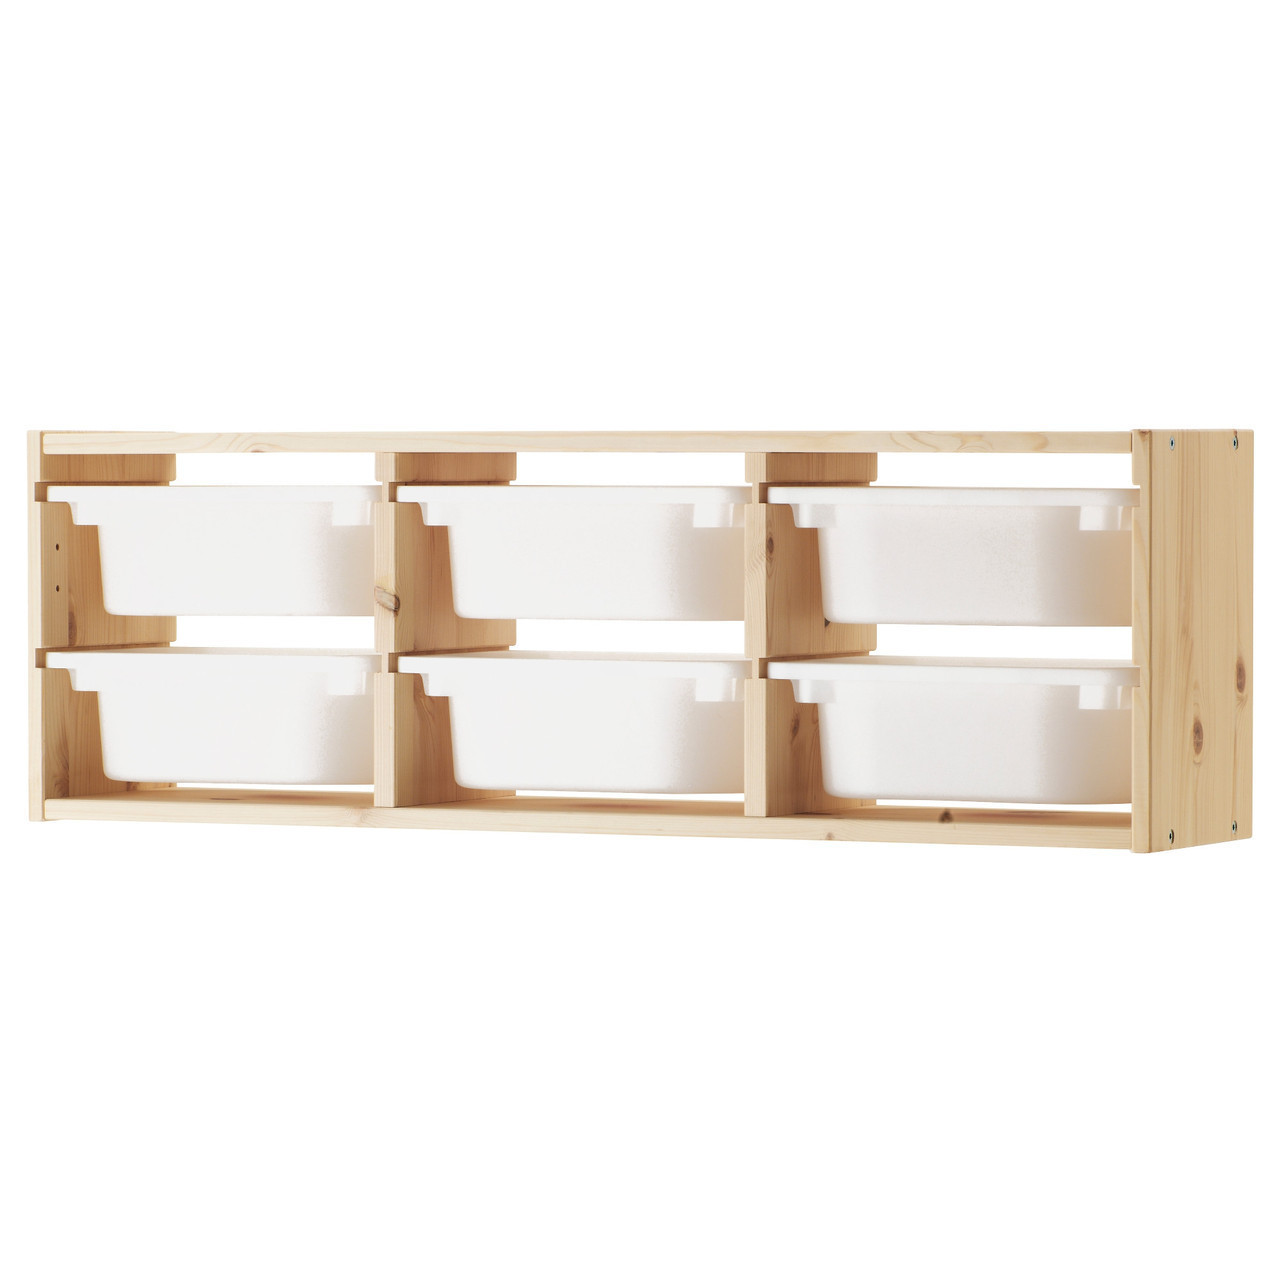 TROFAST Шкаф навесной, сосна, белый 491.023.04